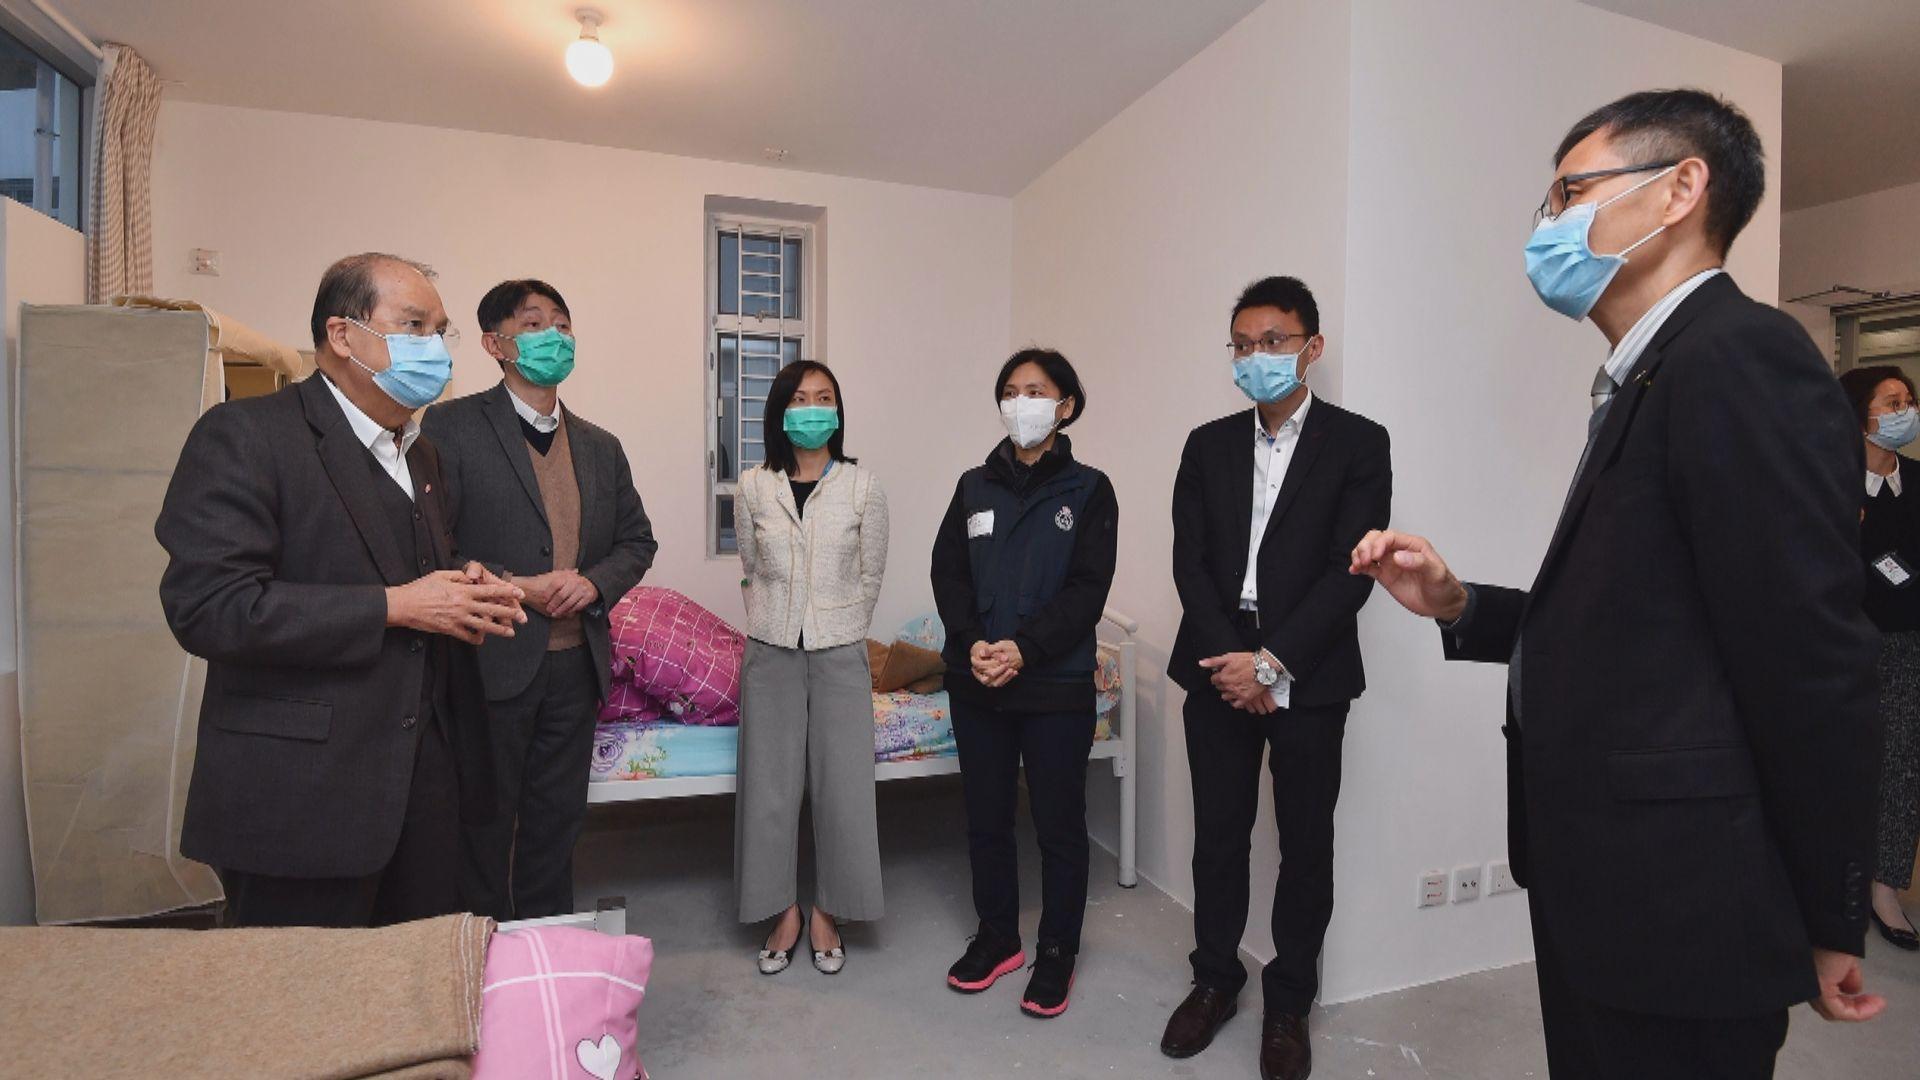 張建宗︰政府目標今月內駿洋邨增1600個檢疫單位